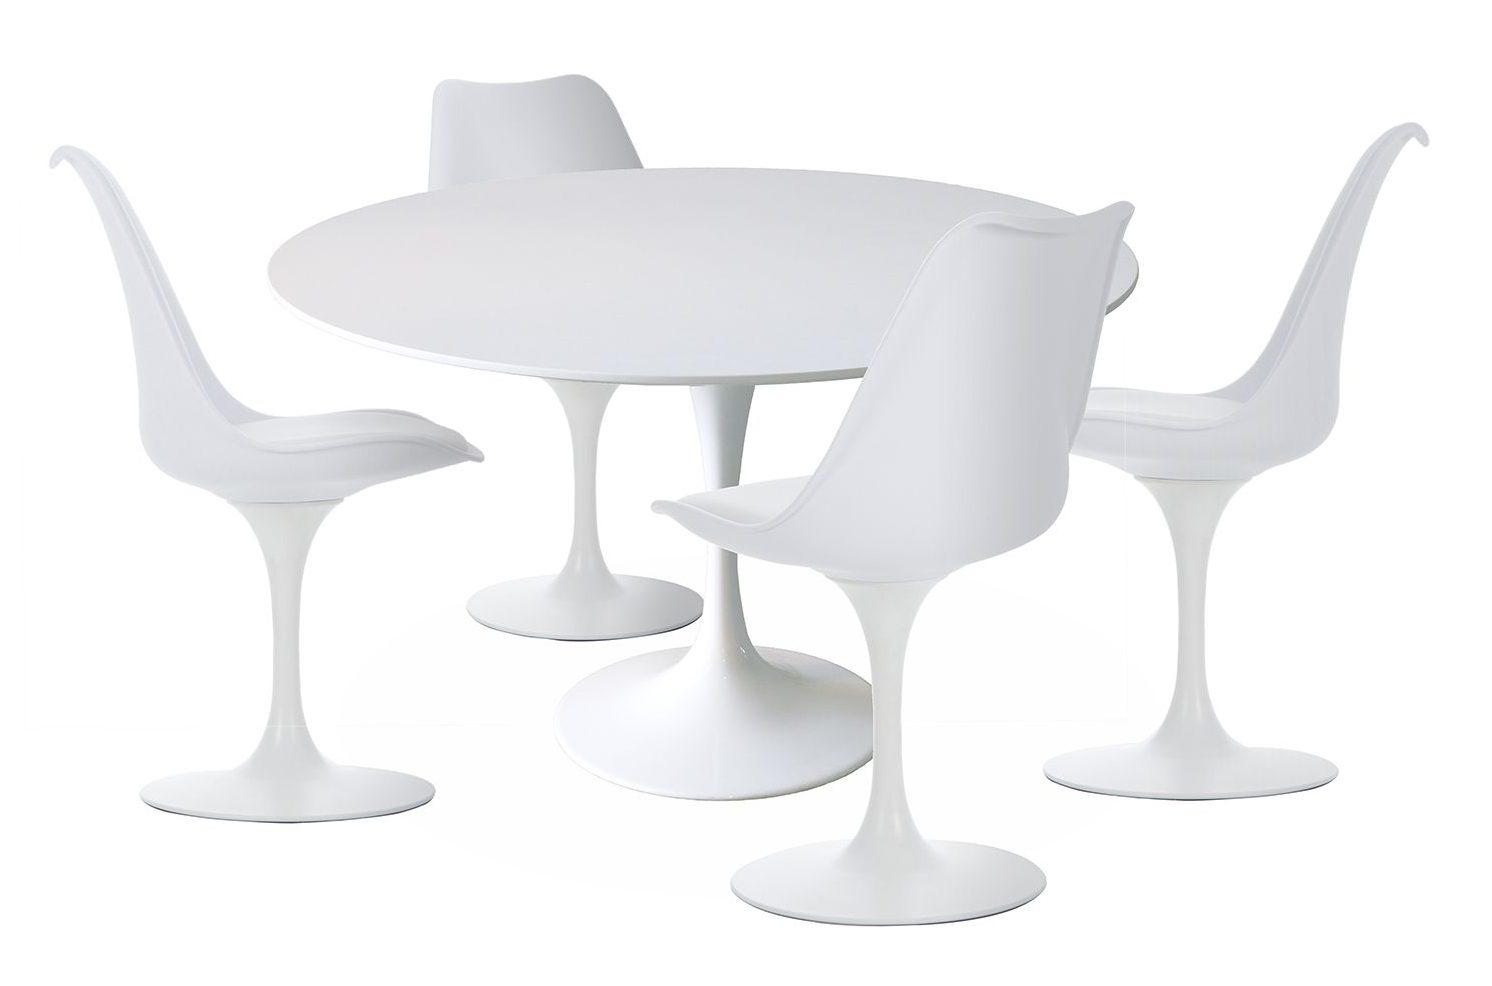 Tavoli E Sedie 2D Dwg  2021